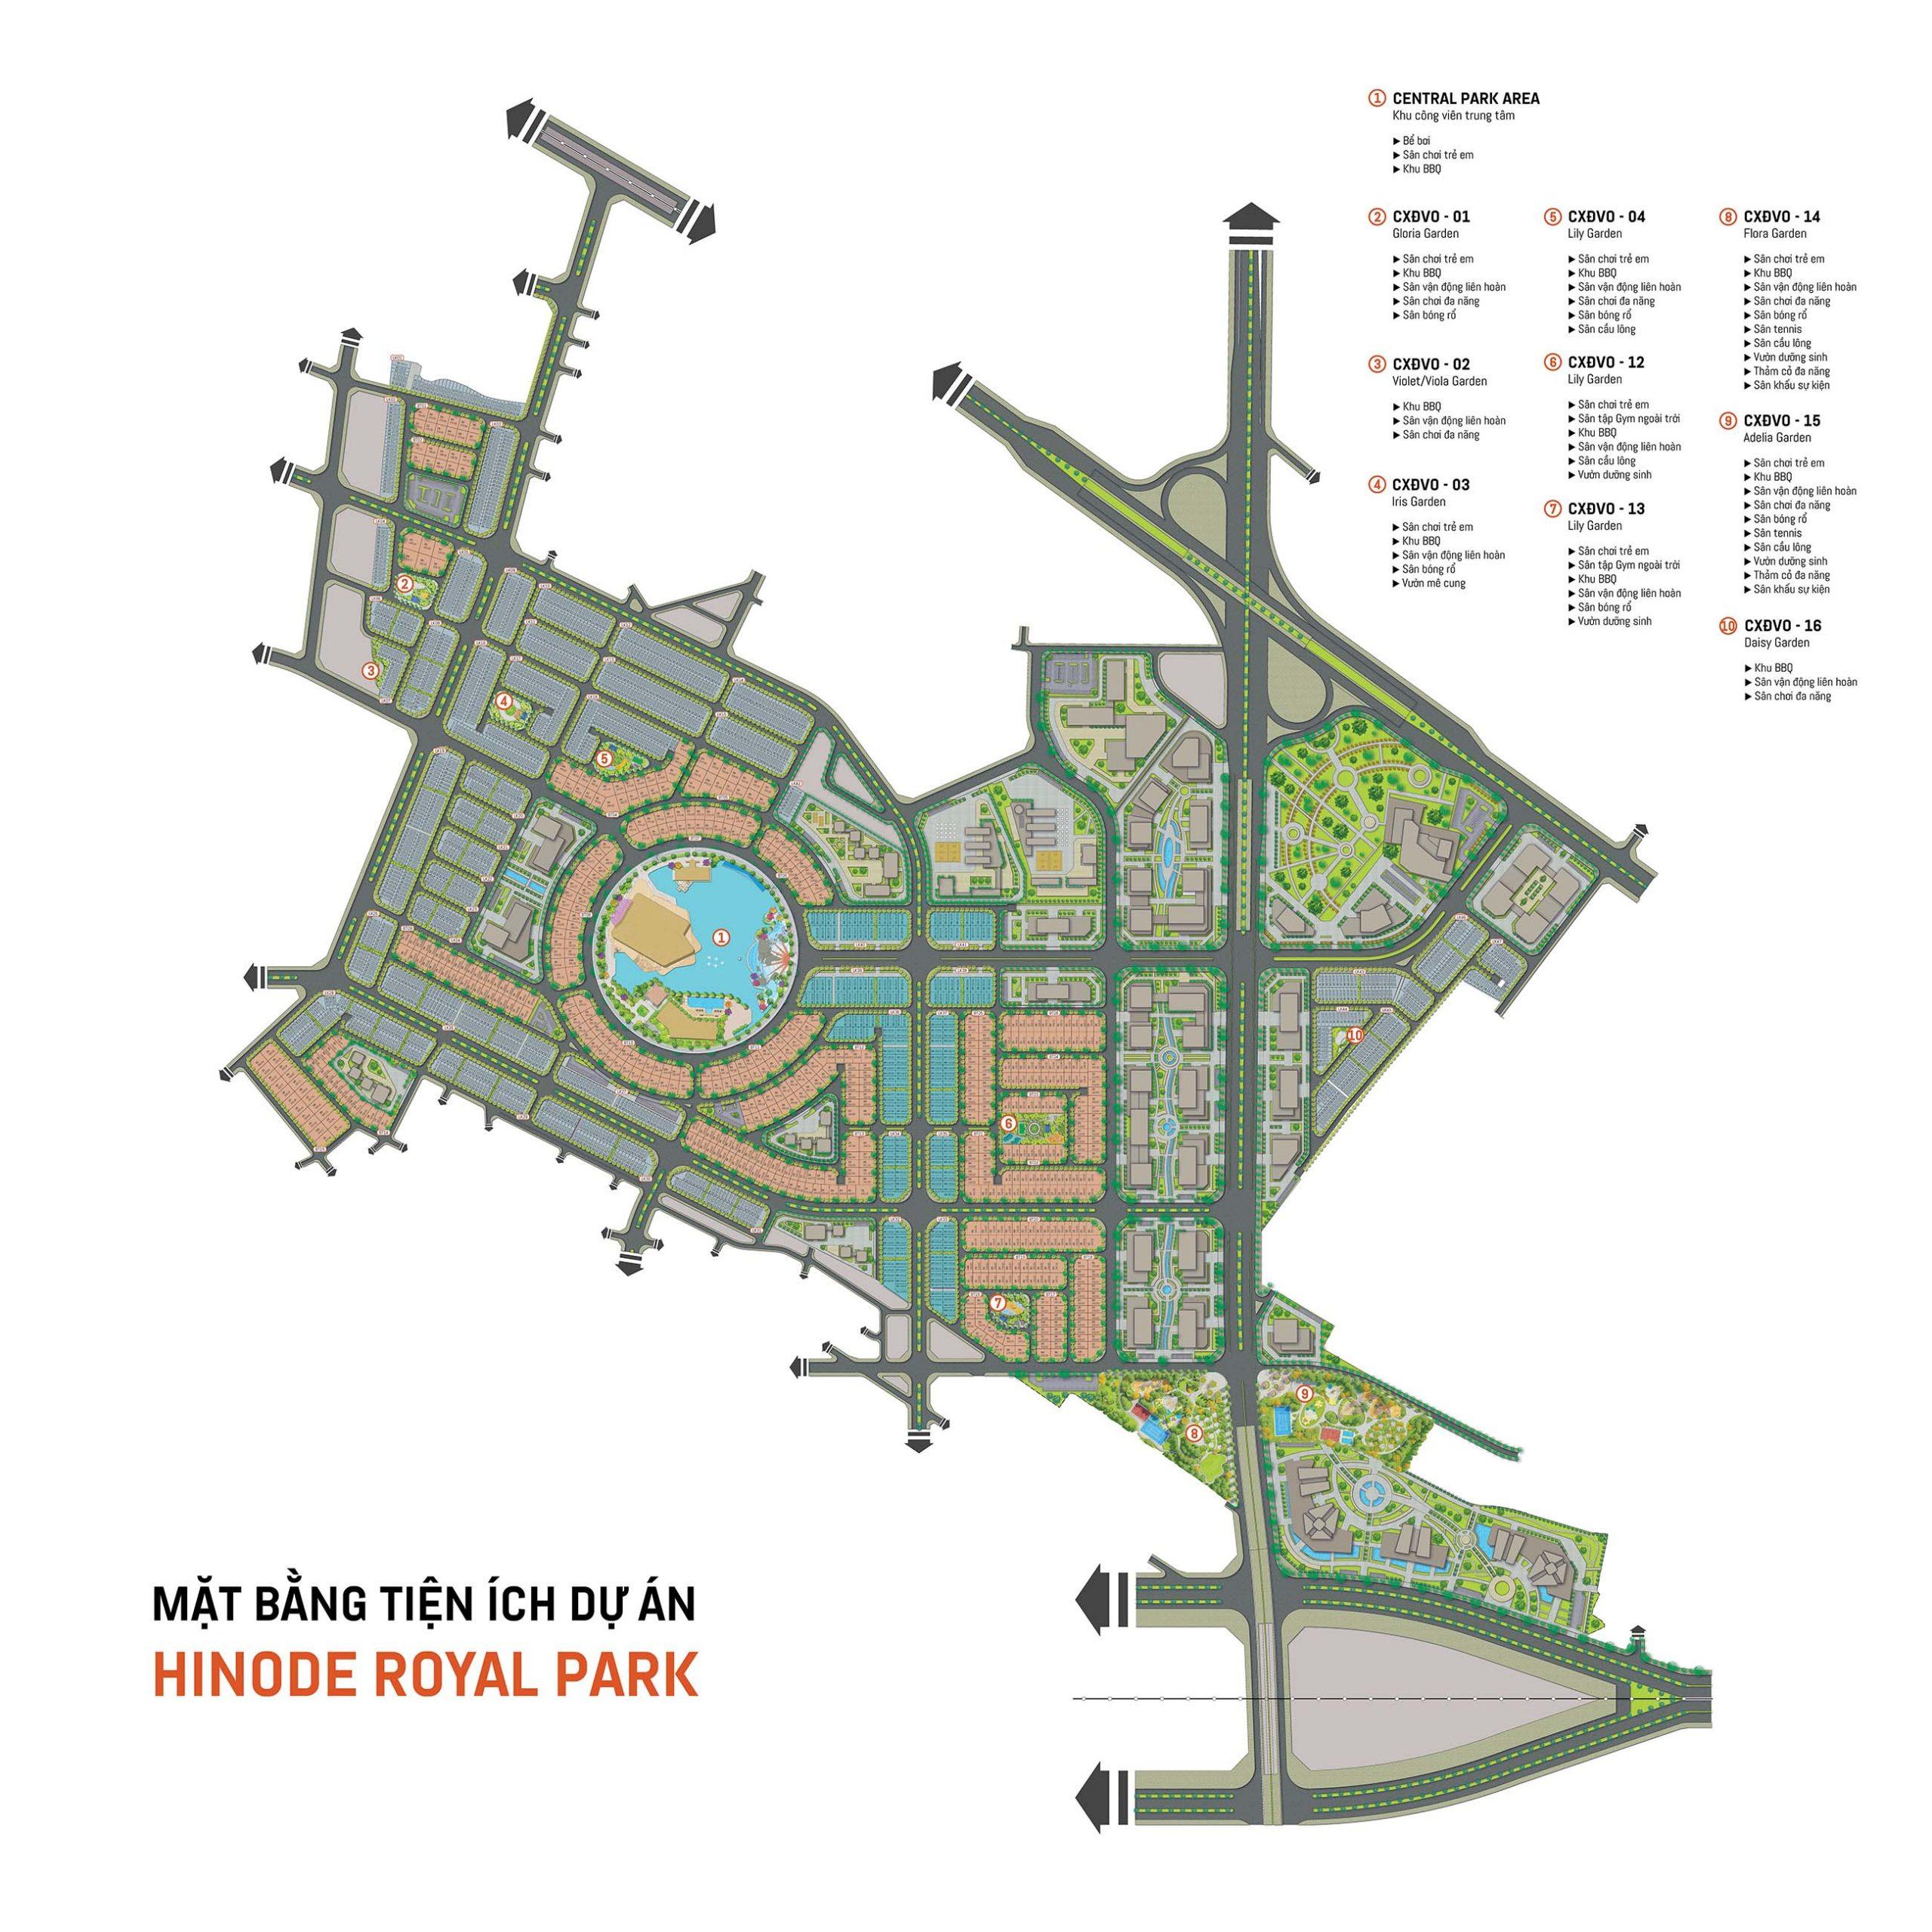 mat-bang-phan-lo-hidone-royal-park